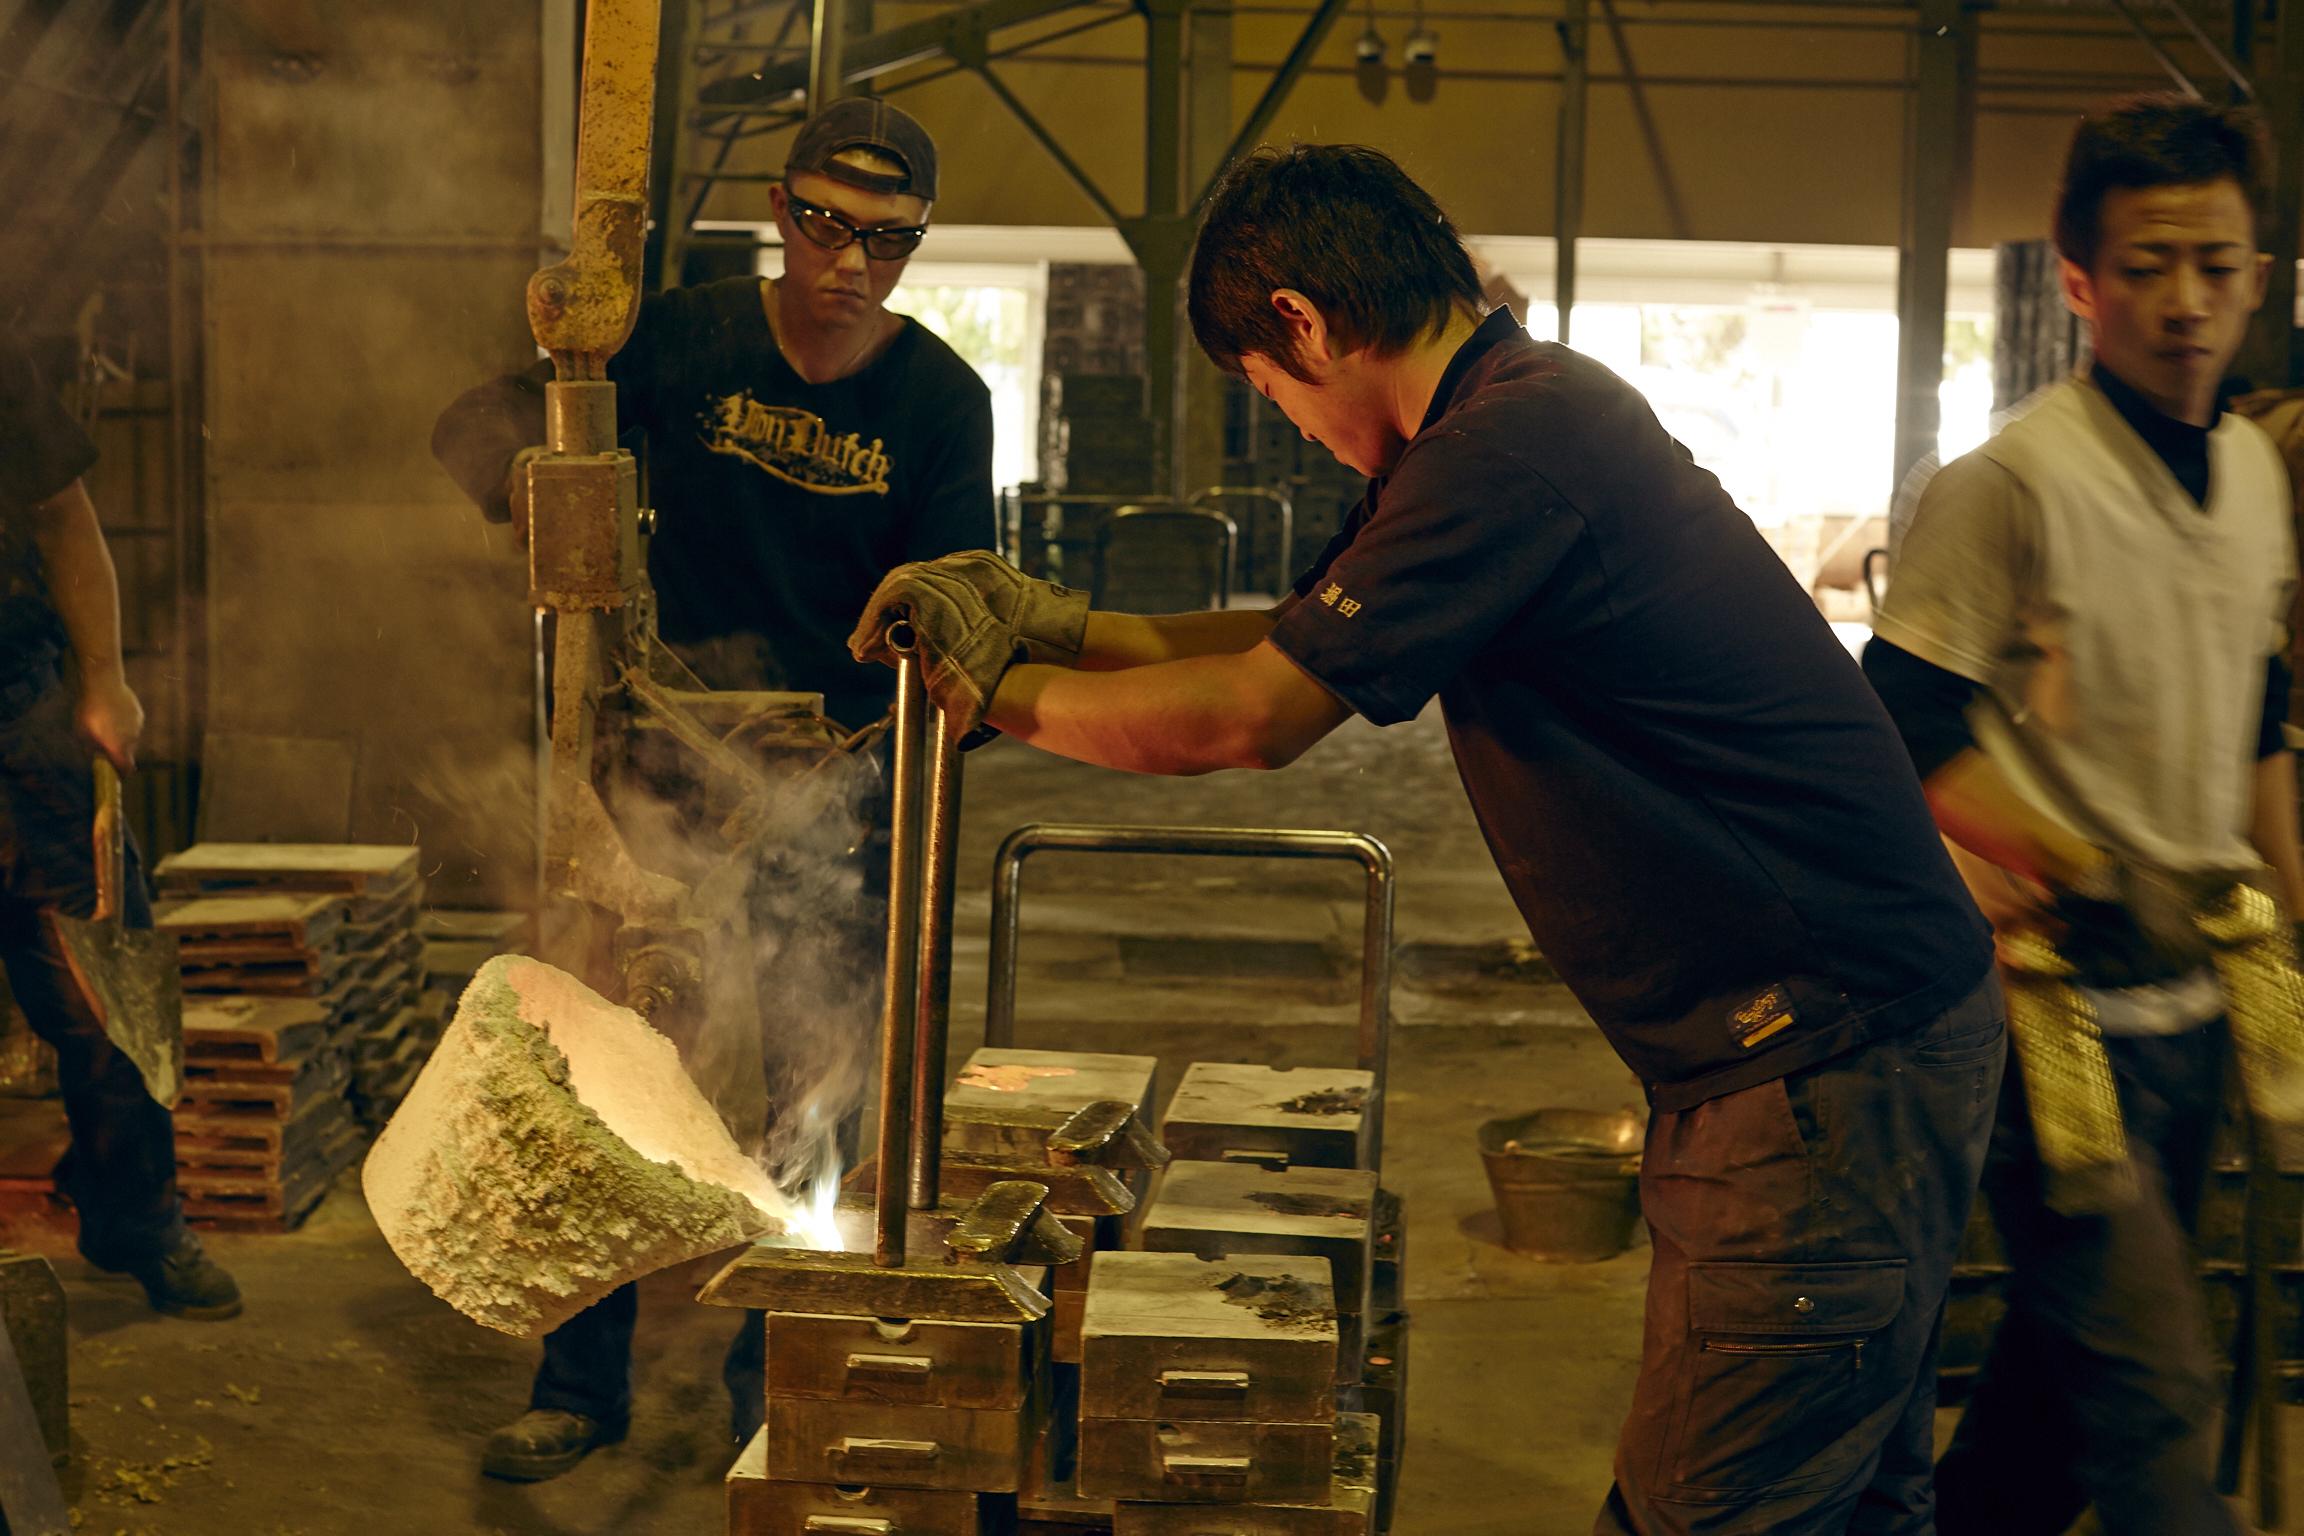 金属製品 日本製 能作 錫100% ビアカップ 200㏄ 金・銀に次ぐ高価な金属 酸化しにくい 抗菌作用が強い 錆びに強い 変色しにくい 人体に無害 安心 紀元前1500年 古代エジプト王朝 正倉院 宝物 腐りにくい 雑味が抜け 美味しくなる まろやかな味わいになる 酸味や苦みが抑えられる 伝導率がいい 冷たさが飲み口まで伝わる 爽快な飲み応え 飲み物が長持ちする 花も長持ち 柔らかい 手で曲げられる 好みの形に変形 オリジナルマイカップ 晩酌用 贈り物 プレゼント 喜ばれる 日本製 陶器 磁器 陶磁器 漆器 茶道具 華道具 贈り物 ギフト 記念品 引出物 法要 お返し 専門店 リアル店舗 茶の湯 茶道 裏千家 表千家 茶会 月釜 抹茶 高品質 安らぎ いやし よりおいしく 安心 機能的 長持ち 人気 おすすめ 高機能 ネット通販 ネットショップ セレクトショップ 欲しい 購入 買う 買い物 岐阜県 岐阜市 美殿町 小林漆陶 特別な 選び抜かれた 品質重視 使いやすい 格安 老舗 誕生日 結婚 出産 入学 退職 母の日 父の日 敬老の日 クリスマス プレゼント 叙勲 長寿 新築 お祝い 御礼 内祝い 外国土産 海外みやげ 実店舗 創業100年以上 使うと分かる 職人技 日本一の品揃え 日本一の在庫数 専門店 専門知識 数万点の在庫 百貨店(高島屋 三越 伊勢丹 松坂屋 大丸)にない 手作り お洒落 高級品 希少価値 上質な器 伝統工芸品 コスパ お値打ち お買い得 堅牢 飽きない 永く使える お気に入り 国産 料理が映える 満足感 豊かな食生活 豊かな食文化 こだわりの器 日本文化 他にない ここにしかない オリジナル 独自の 個性的 ここでしか買えない 超レアもの 一品もの 現品限り 入手困難 いい器 匠の技 美しい 実用的 外人が喜ぶ店 外人が珍しがる店 外人がうれしい店 日本各地の一級品を売る店 日本全国の器を売る店 本当にいいもの コスパ高い 一流品 修理 選りすぐりの逸品 周年記念 永年勤続表彰 退職記念 卒業記念 日本土産 岐阜土産 岐阜のおみやげ 岐阜の特産品 料理を引き立てる器 高級店 一流店 岐阜で一番 東海で一番 中部で一番 日本で一番 おしゃれな店 地域一番店 実店舗 陶磁器 磁器 華道具 ガラス器 明治42年創業 有田焼 清水焼 美濃焼 赤津焼 万古焼 常滑焼 九谷焼 唐津焼 萩焼 信楽焼 万古焼 砥部焼 備前焼 丹波焼 山中塗 春慶塗 讃岐塗 越前塗 輪島塗 紀州塗 会津塗 小田原木工 桜皮細工 秋田杉 駿河竹細工 七宝焼 南部鉄器 錫製品 江戸切子 津軽びいどろ 金属製 日本製 能作 錫100% KAGO スクエア Lサイズ 金・銀に次ぐ高価 酸化しにくい 抗菌作用 金属アレルギーになりにくい 紀元前1500年頃 古代エジプト王朝 正倉院 錫製の宝物 やわらかい 手で曲げることが出来る 自由自在 様々な使い方 花器 アート 使い方は無限 日常使いでも安心 日本製 陶器 磁器 陶磁器 漆器 茶道具 華道具 贈り物 ギフト 記念品 引出物 法要 お返し 専門店 リアル店舗 茶の湯 茶道 裏千家 表千家 茶会 月釜 抹茶 高品質 安らぎ いやし よりおいしく 安心 機能的 長持ち 人気 おすすめ 高機能 ネット通販 ネットショップ セレクトショップ 欲しい 購入 買う 買い物 岐阜県 岐阜市 美殿町 小林漆陶 特別な 選び抜かれた 品質重視 使いやすい 格安 老舗 誕生日 結婚 出産 入学 退職 母の日 父の日 敬老の日 クリスマス プレゼント 叙勲 長寿 新築 お祝い 御礼 内祝い 外国土産 海外みやげ 実店舗 創業100年以上 使うと分かる 職人技 日本一の品揃え 日本一の在庫数 専門店 専門知識 数万点の在庫 百貨店(高島屋 三越 伊勢丹 松坂屋 大丸)にない 手作り お洒落 高級品 希少価値 上質な器 伝統工芸品 コスパ お値打ち お買い得 堅牢 飽きない 永く使える お気に入り 国産 料理が映える 満足感 豊かな食生活 豊かな食文化 こだわりの器 日本文化 他にない ここにしかない オリジナル 独自の 個性的 ここでしか買えない 超レアもの 一品もの 現品限り 入手困難 いい器 匠の技 美しい 実用的 外人が喜ぶ店 外人が珍しがる店 外人がうれしい店 日本各地の一級品を売る店 日本全国の器を売る店 本当にいいもの コスパ高い 一流品 修理 選りすぐりの逸品 周年記念 永年勤続表彰 退職記念 卒業記念 日本土産 岐阜土産 岐阜のおみやげ 岐阜の特産品 料理を引き立てる器 高級店 一流店 岐阜で一番 東海で一番 中部で一番 日本で一番 おしゃれな店 地域一番店 実店舗 陶磁器 磁器 華道具 ガラス器